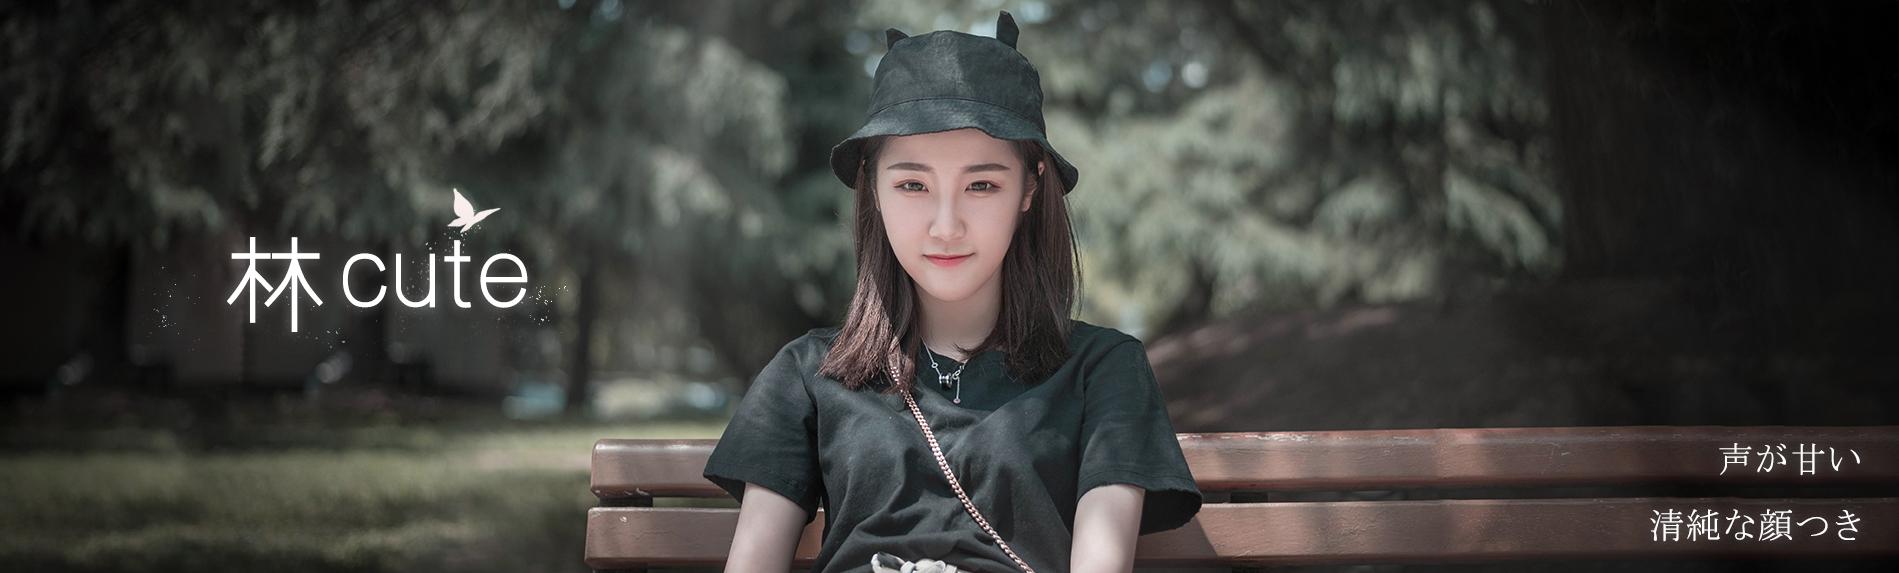 林cute